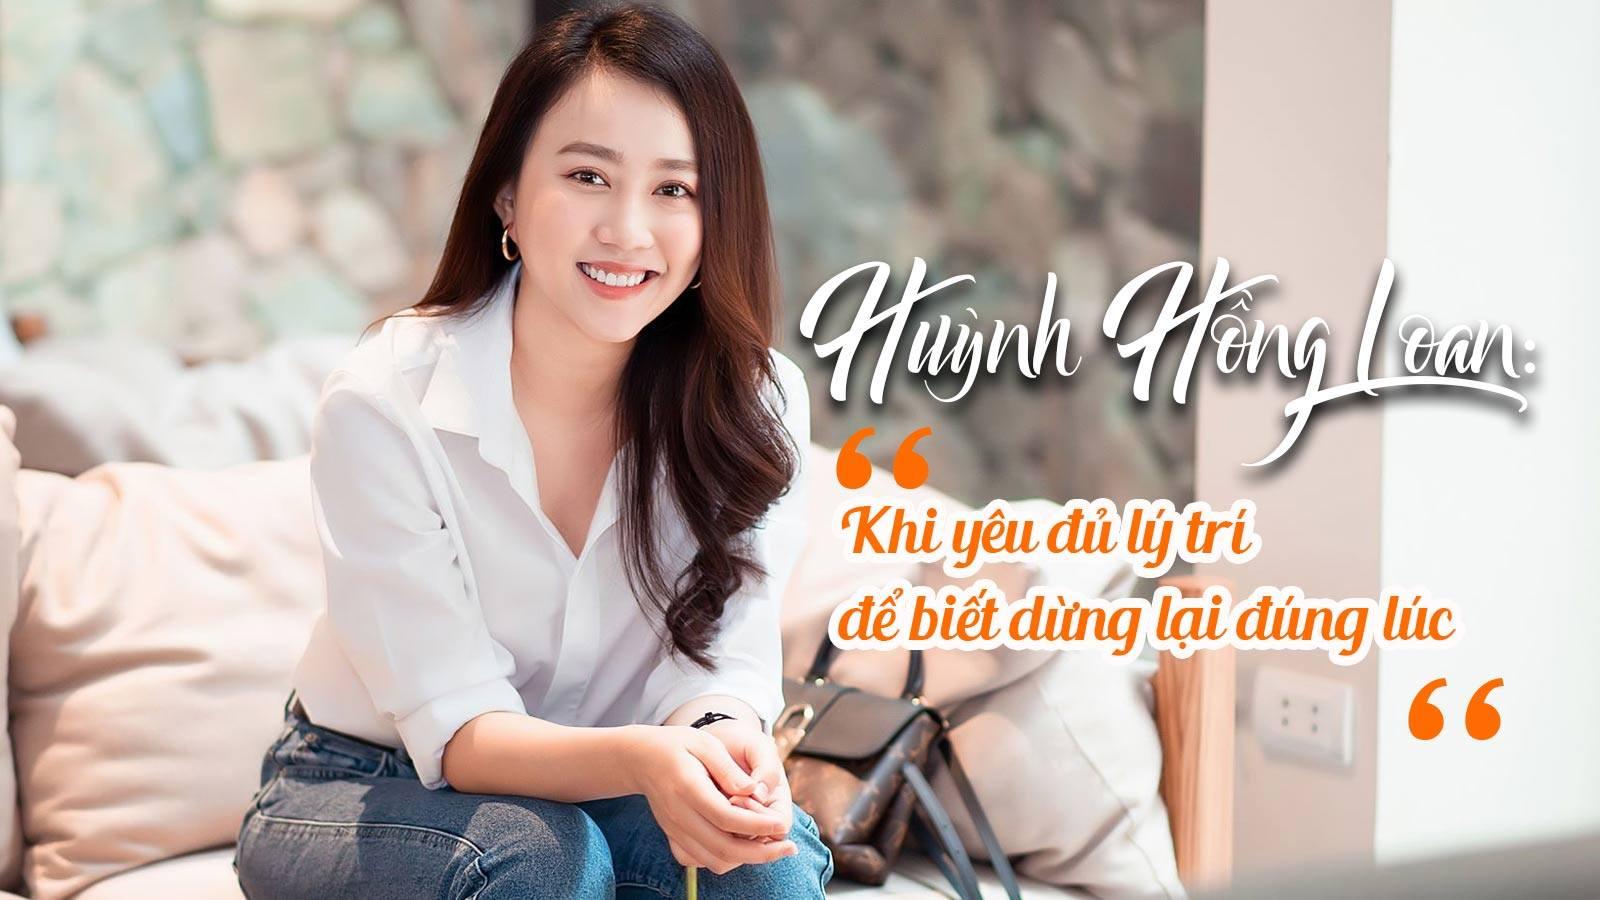 Huỳnh Hồng Loan: Khi yêu đủ lý trí để biết dừng lại đúng lúc - 1